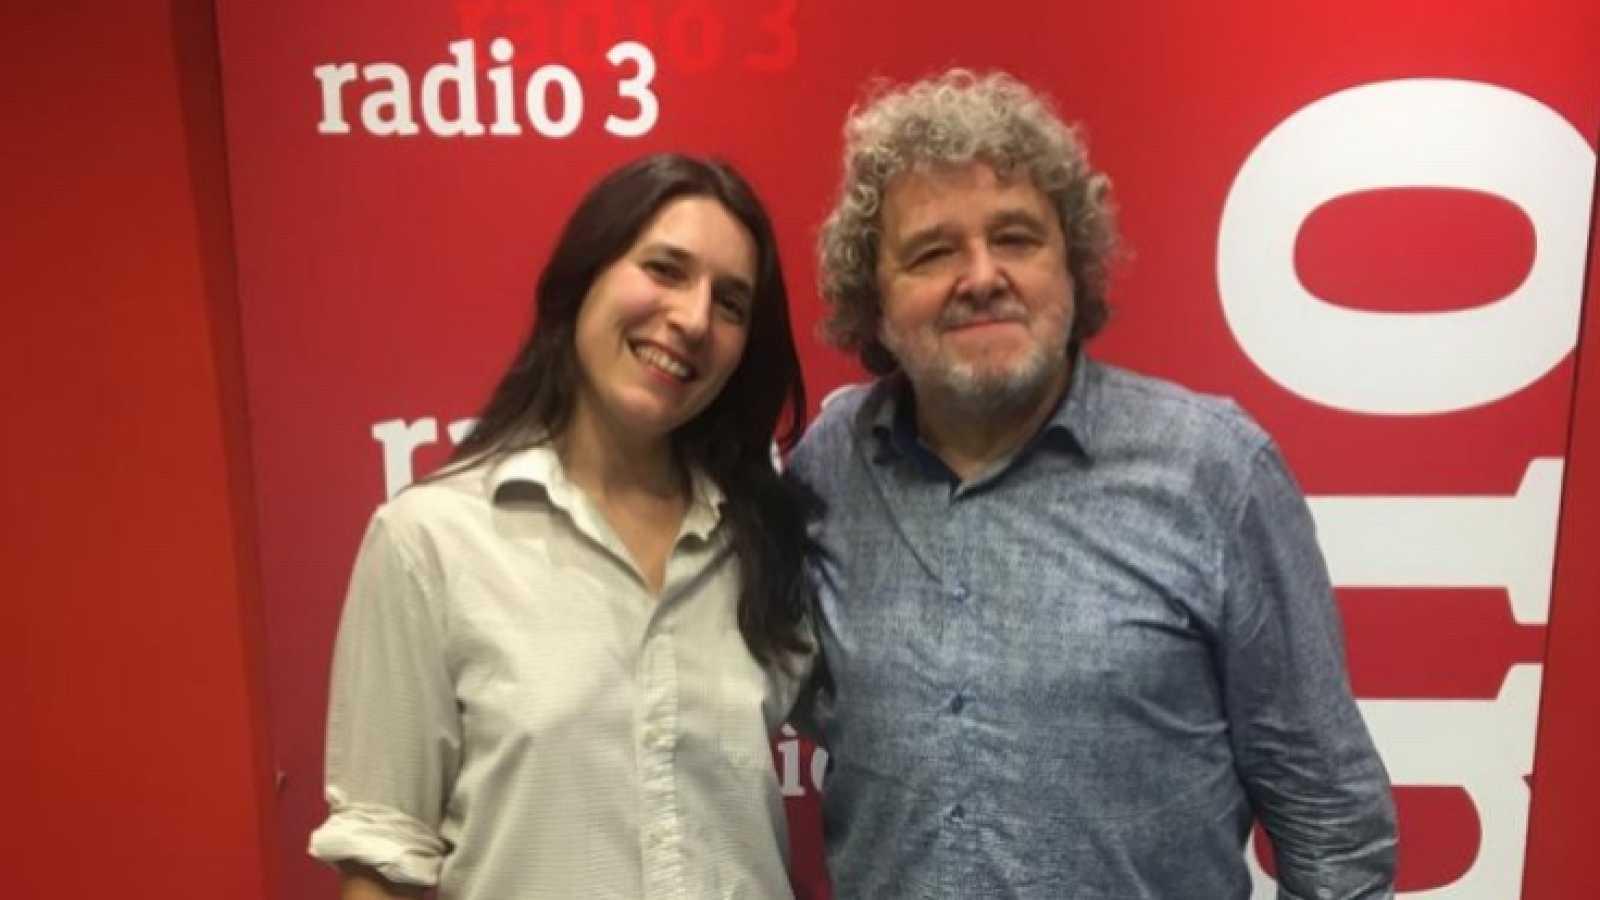 Disco grande - El mensaje enviado al futuro que recibió Lorena Álvarez - 07/10/19 - escuchar ahora